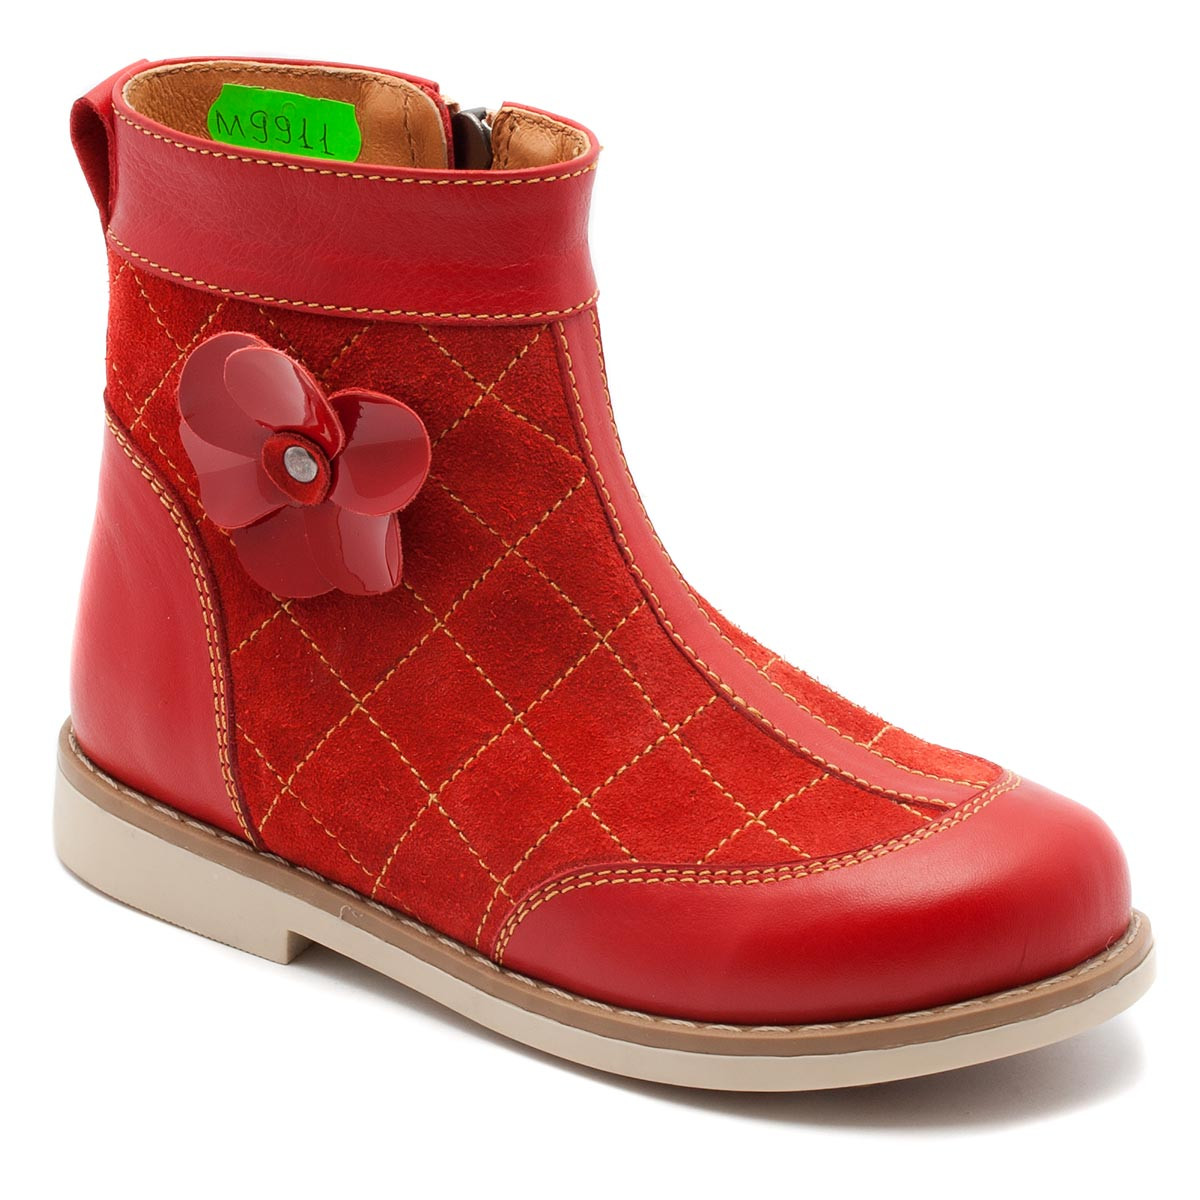 Весенние сапожки FS Сollection для девочки, красные, размер 20-30